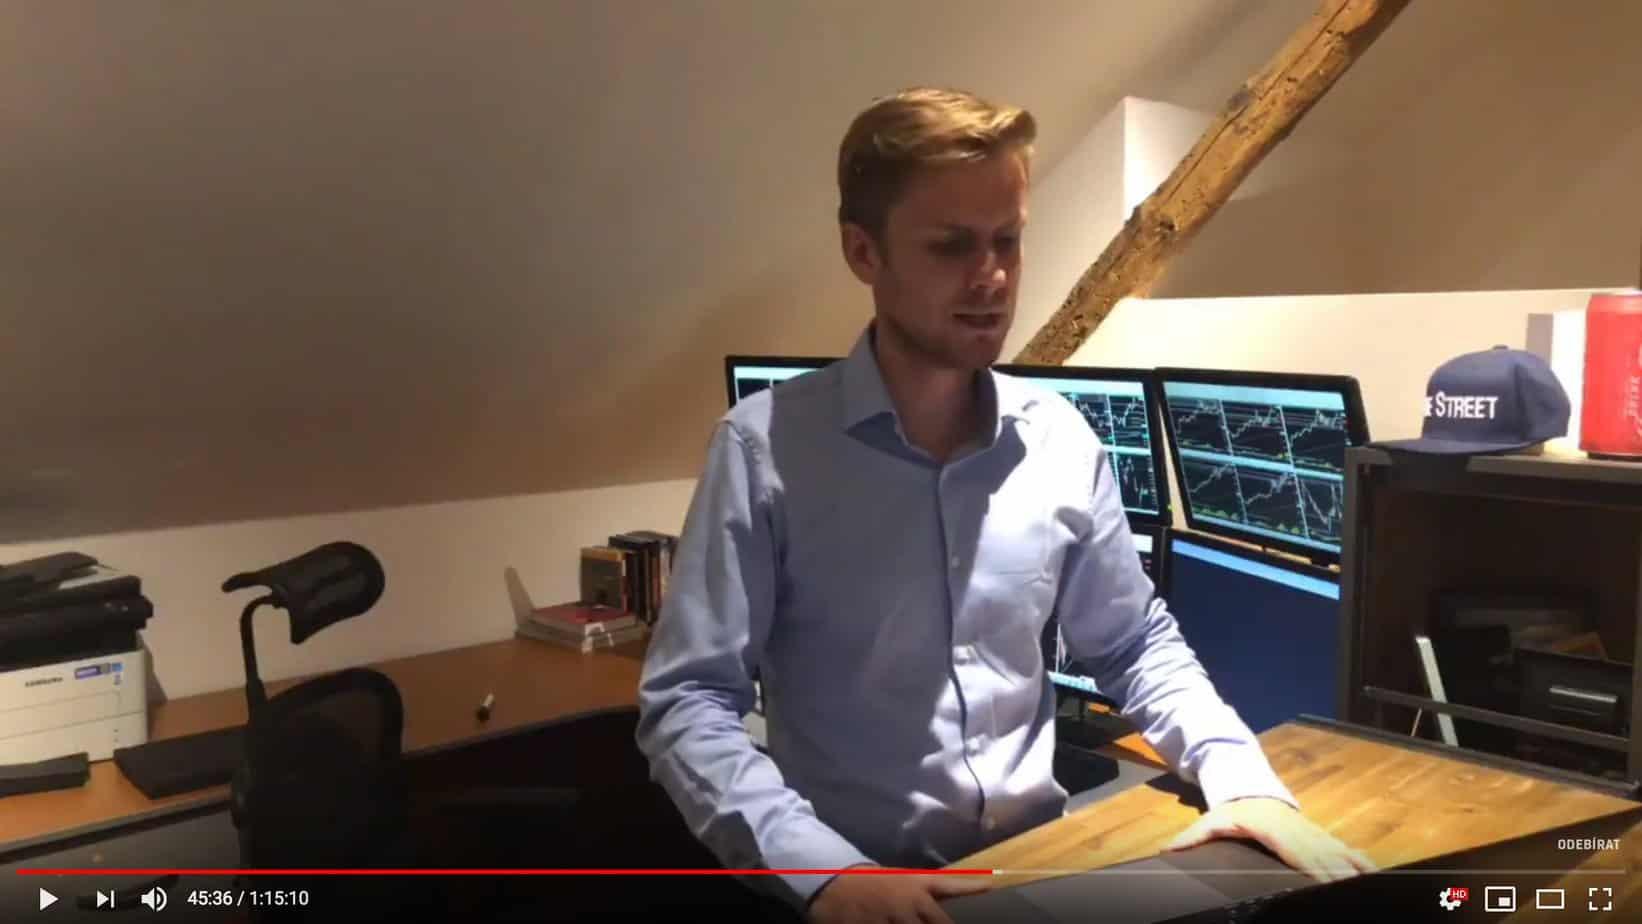 Otázky & Odpovědi - Trading Live call 1.10.2018